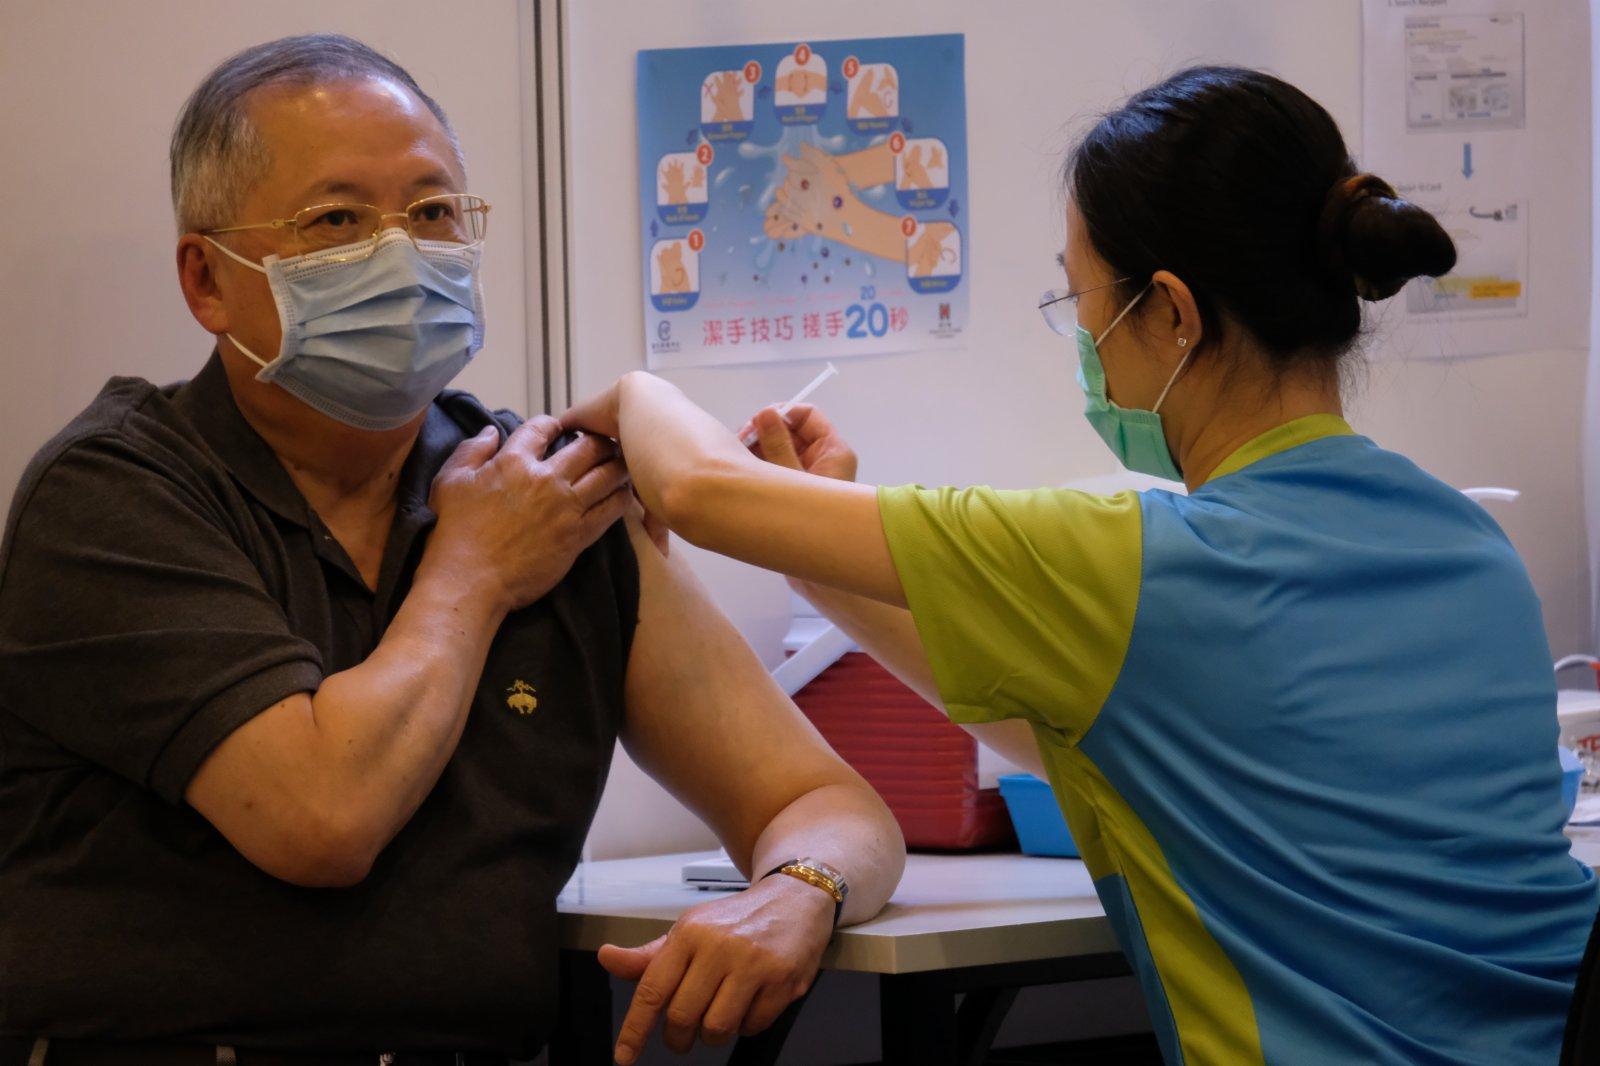 張宇人接種科興疫苗。(大公文匯全媒體記者 攝)